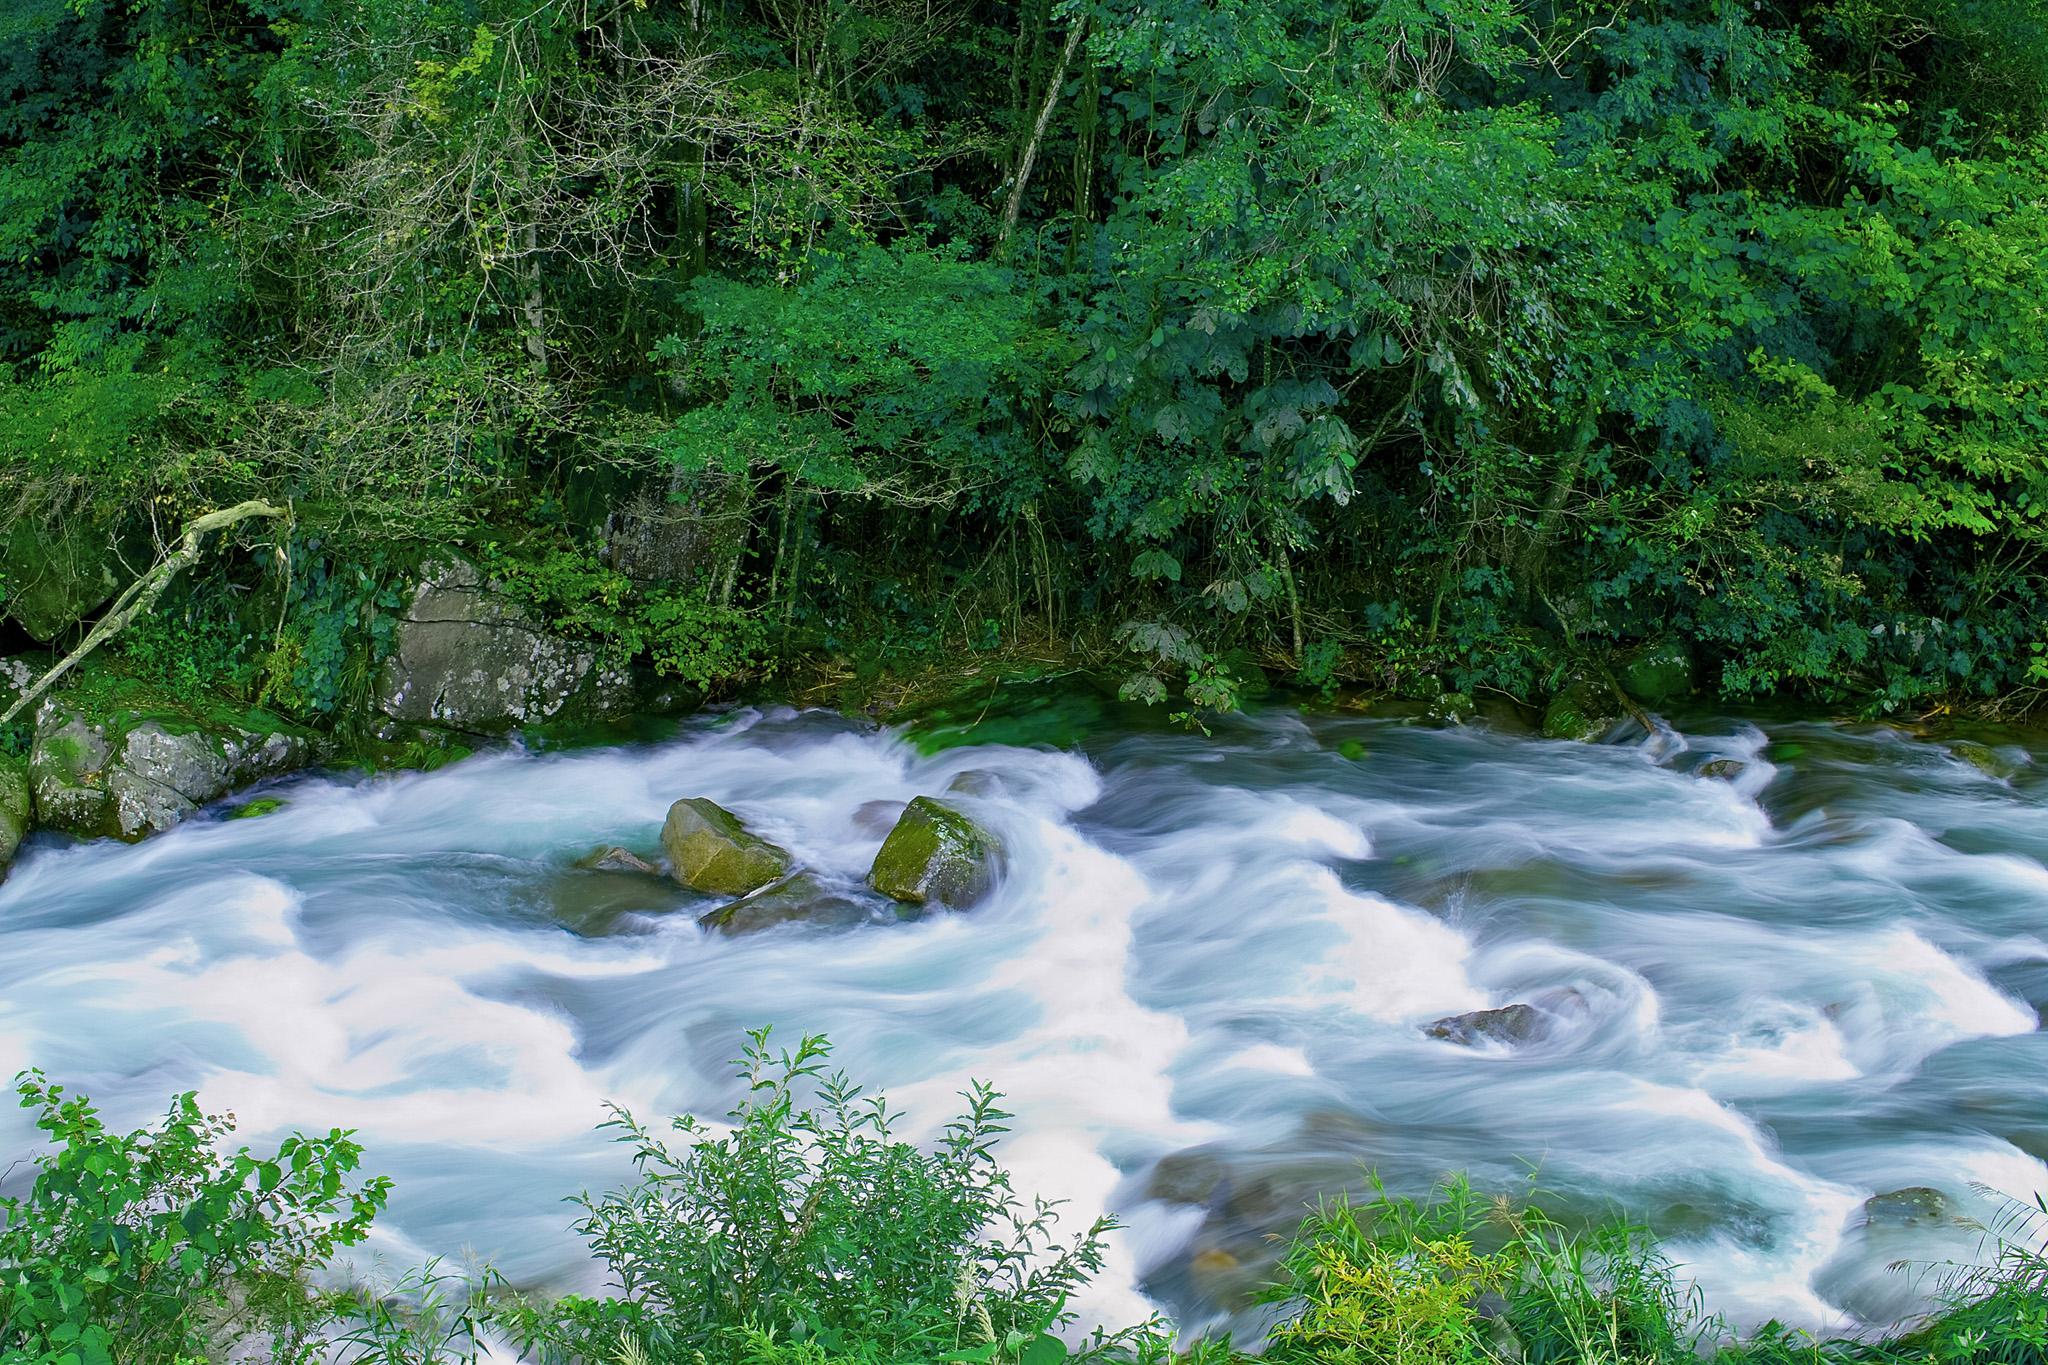 「美しい緑の木々の中を流れる清流」